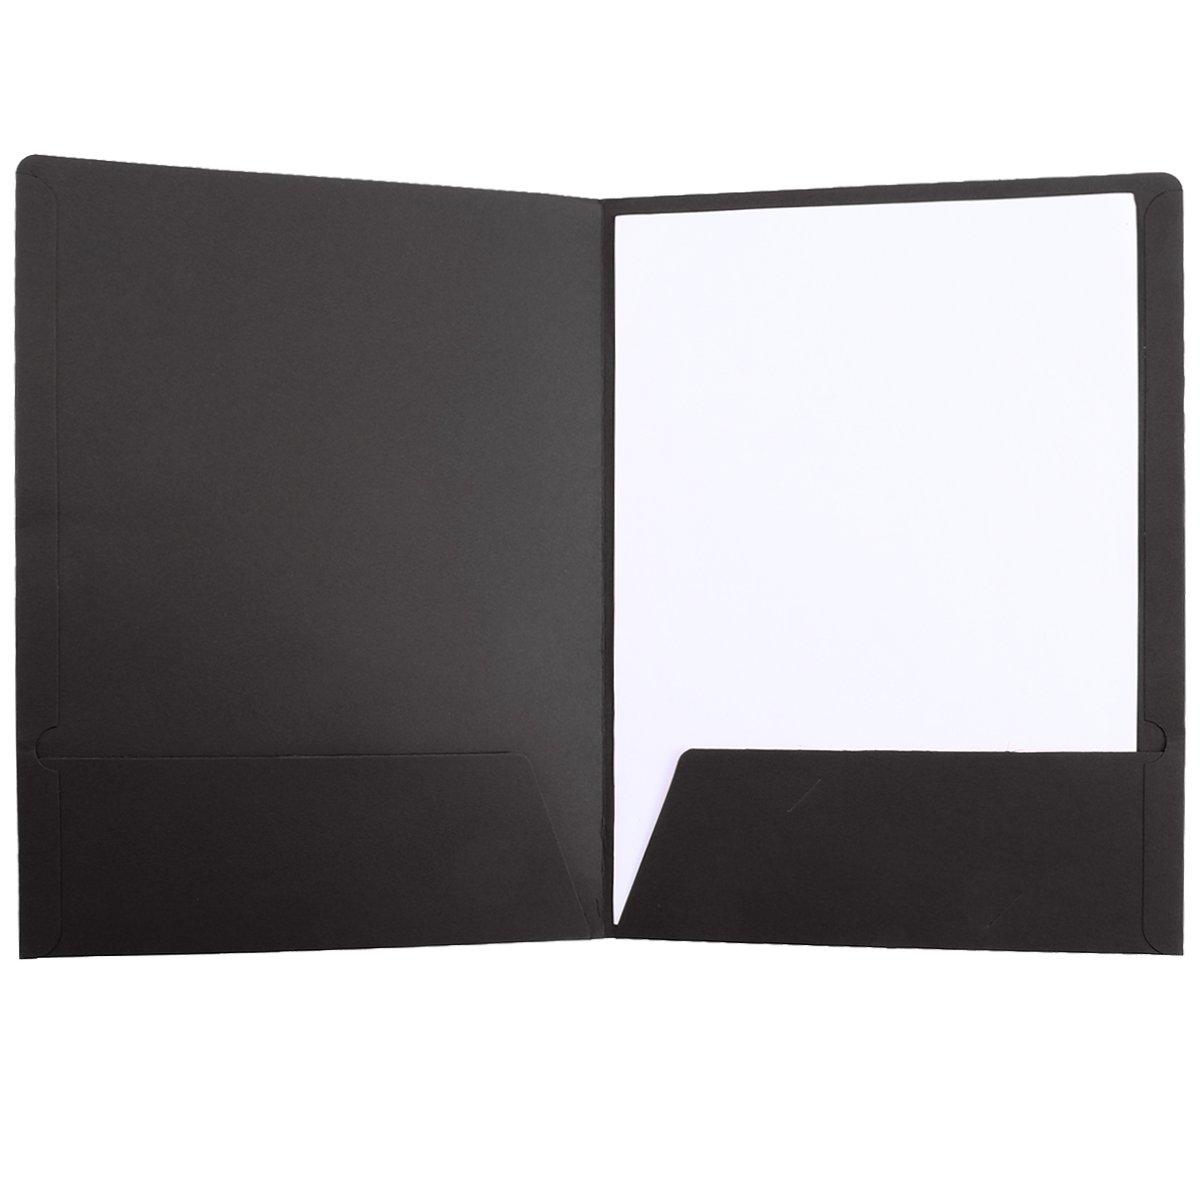 TOYMYTOY 12 Pz A4 Carta Kraft File Holeder Presentazione Cartella Documenti Cartella File Progetto Ufficio Stazionario Nero